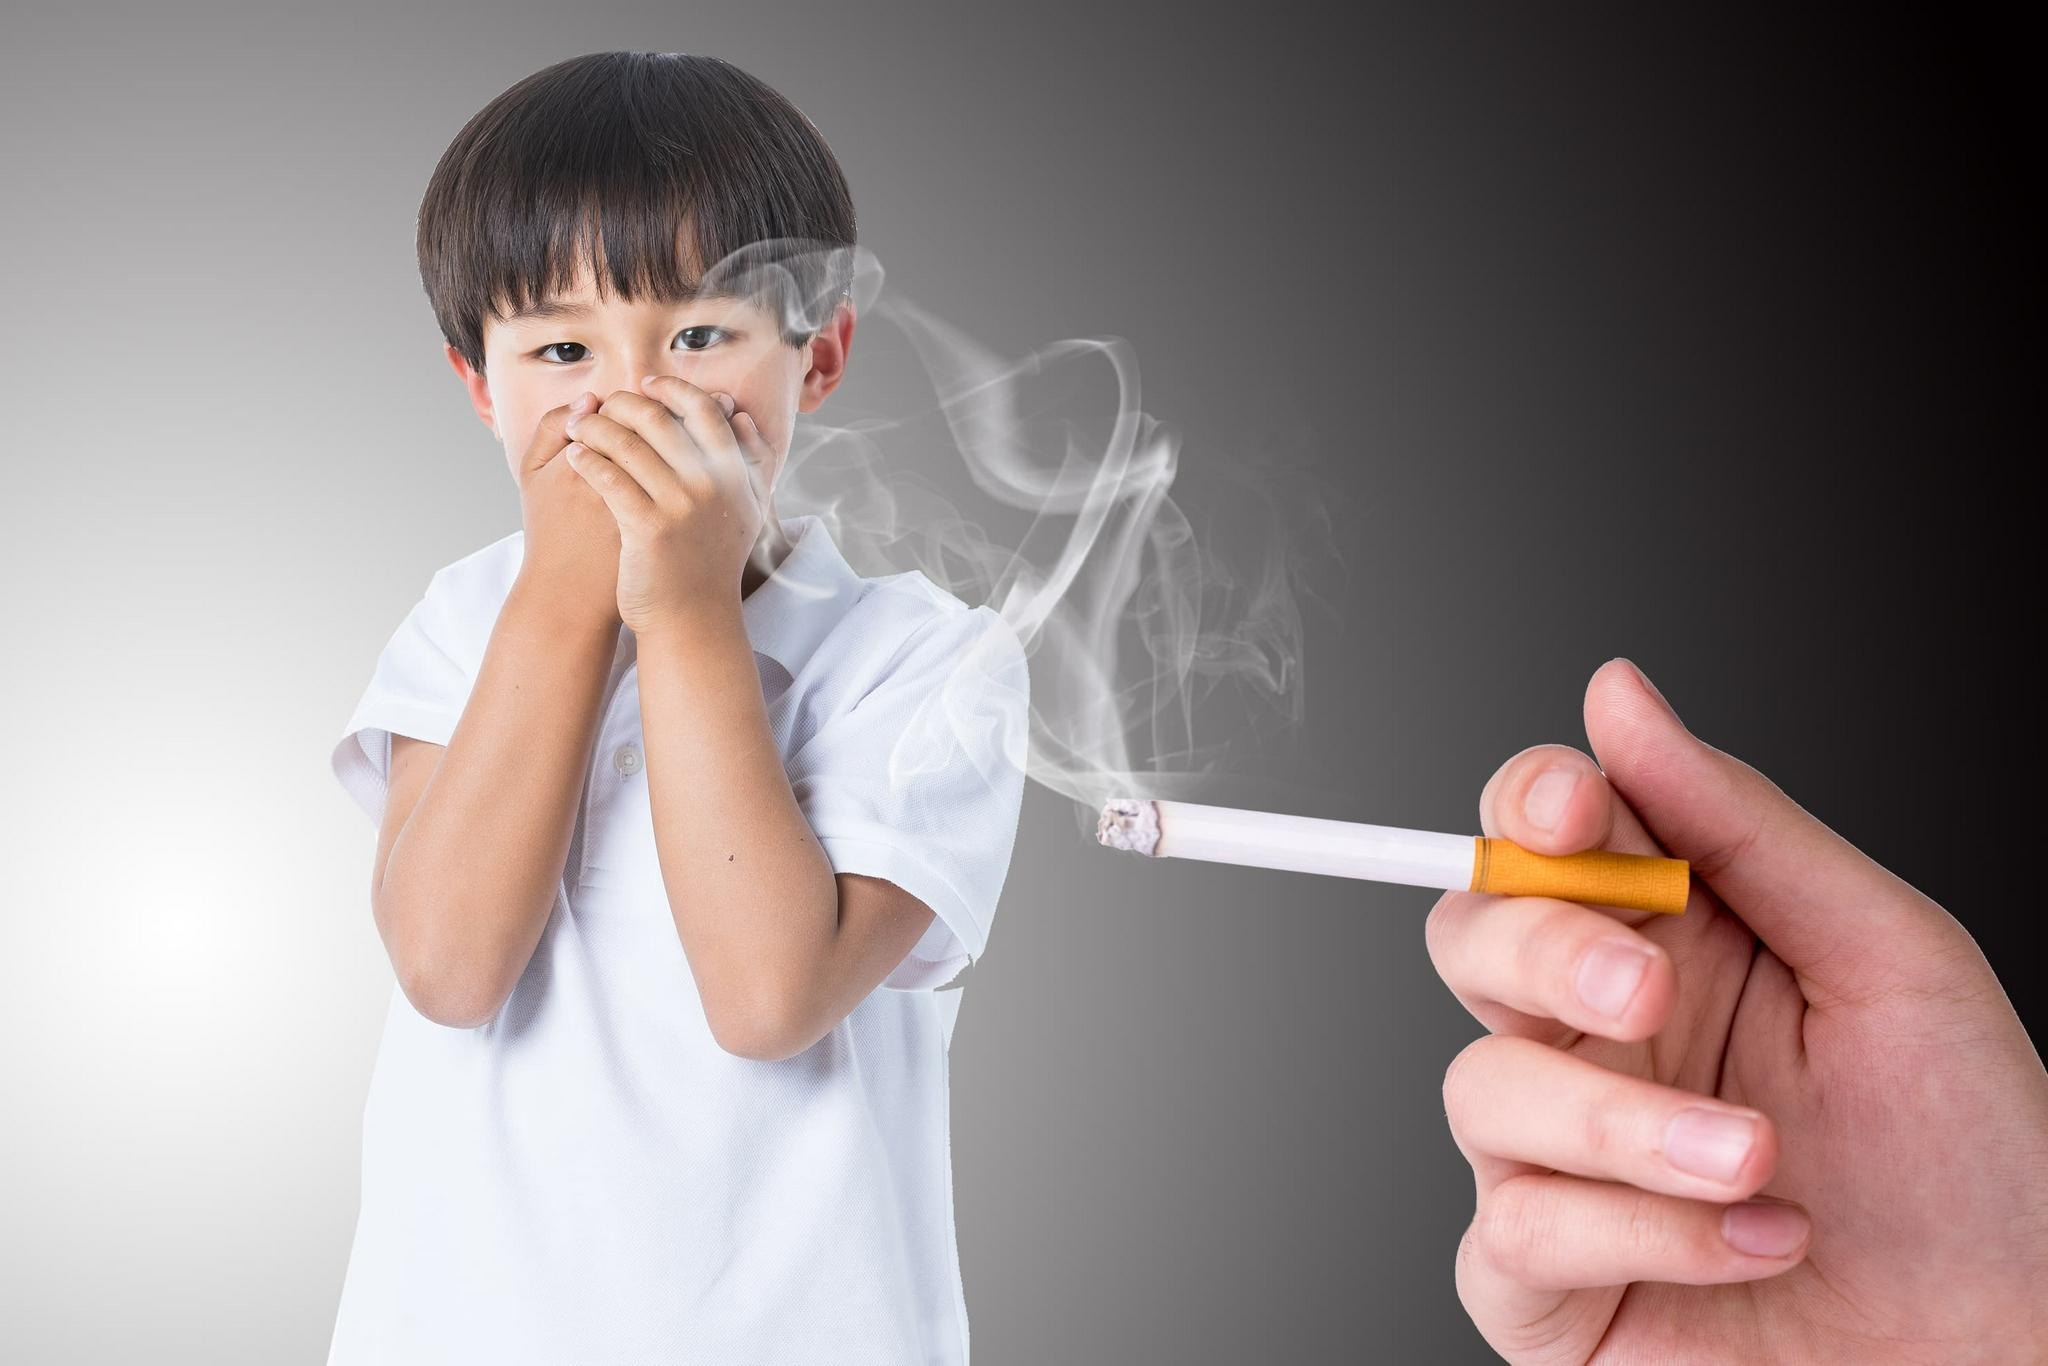 比香烟还有毒的东西,专家们建议,越早戒掉越好,别忽视健康隐患